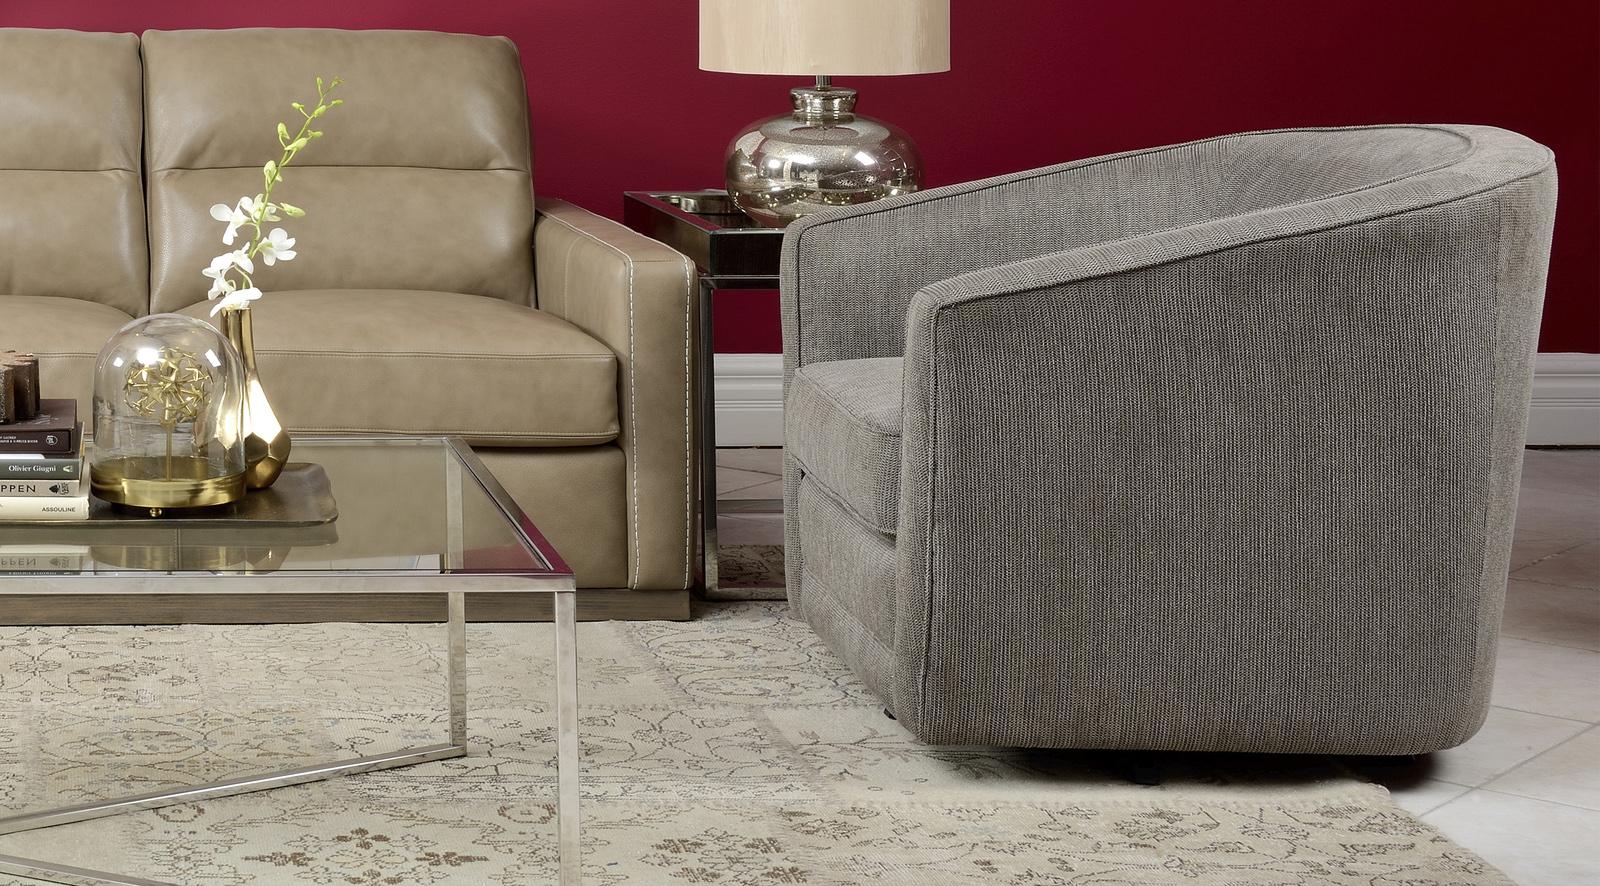 7 Swivel Chair  Decor-Rest Furniture Ltd.